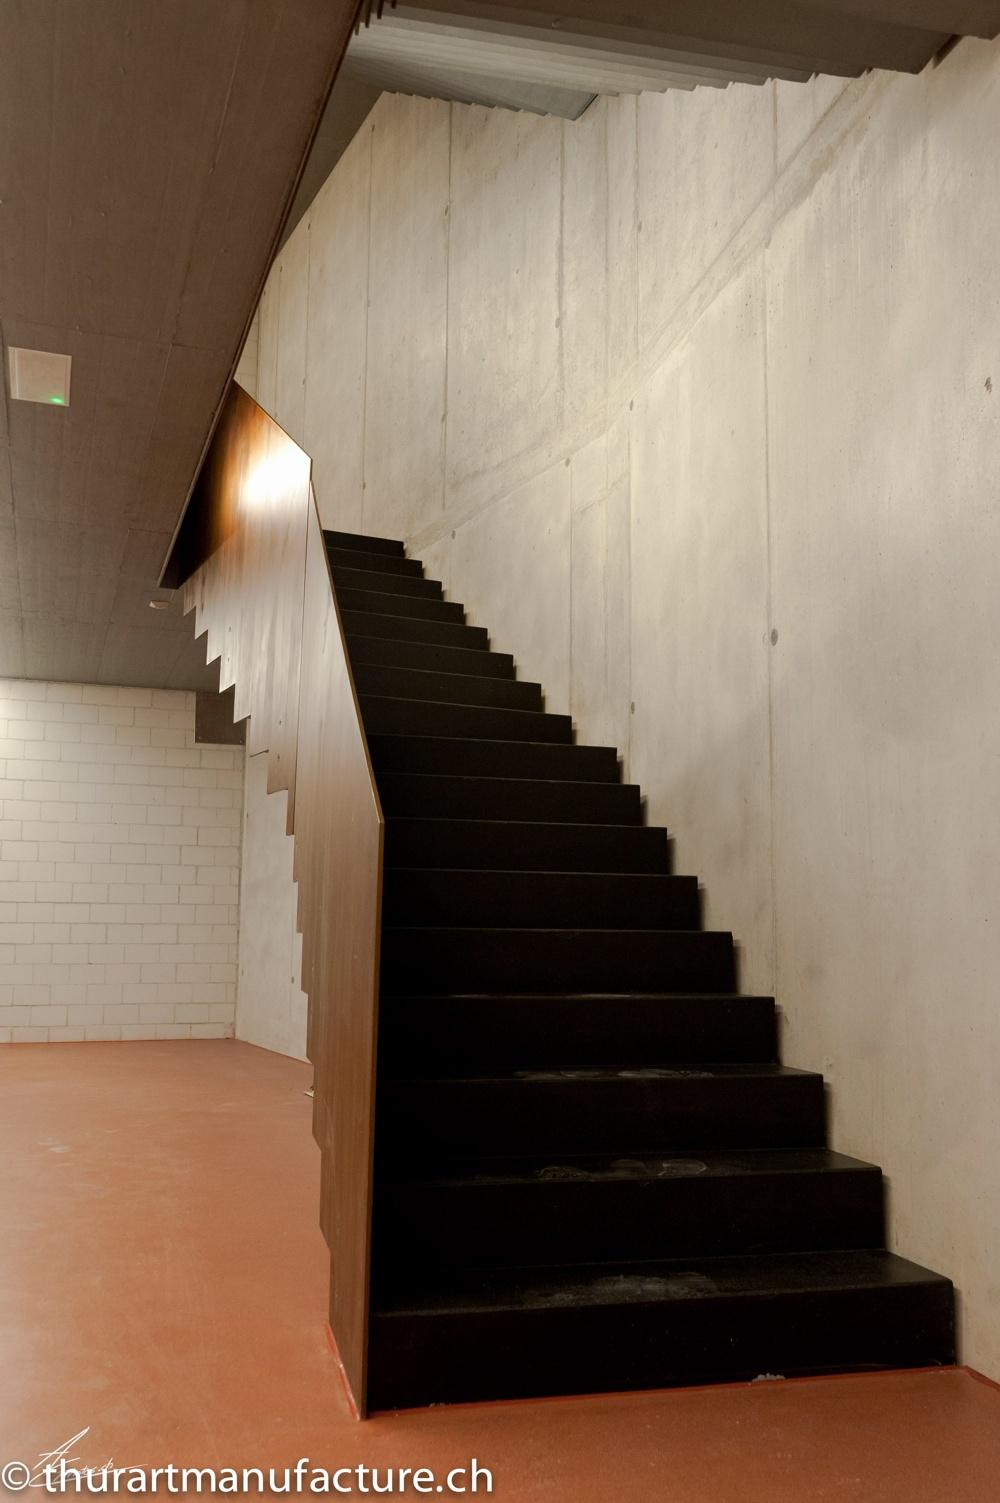 Treppengeländer Geschäftshaus Löwen, Amden, Rostapplikation, 2013, copyright by A. Cariget